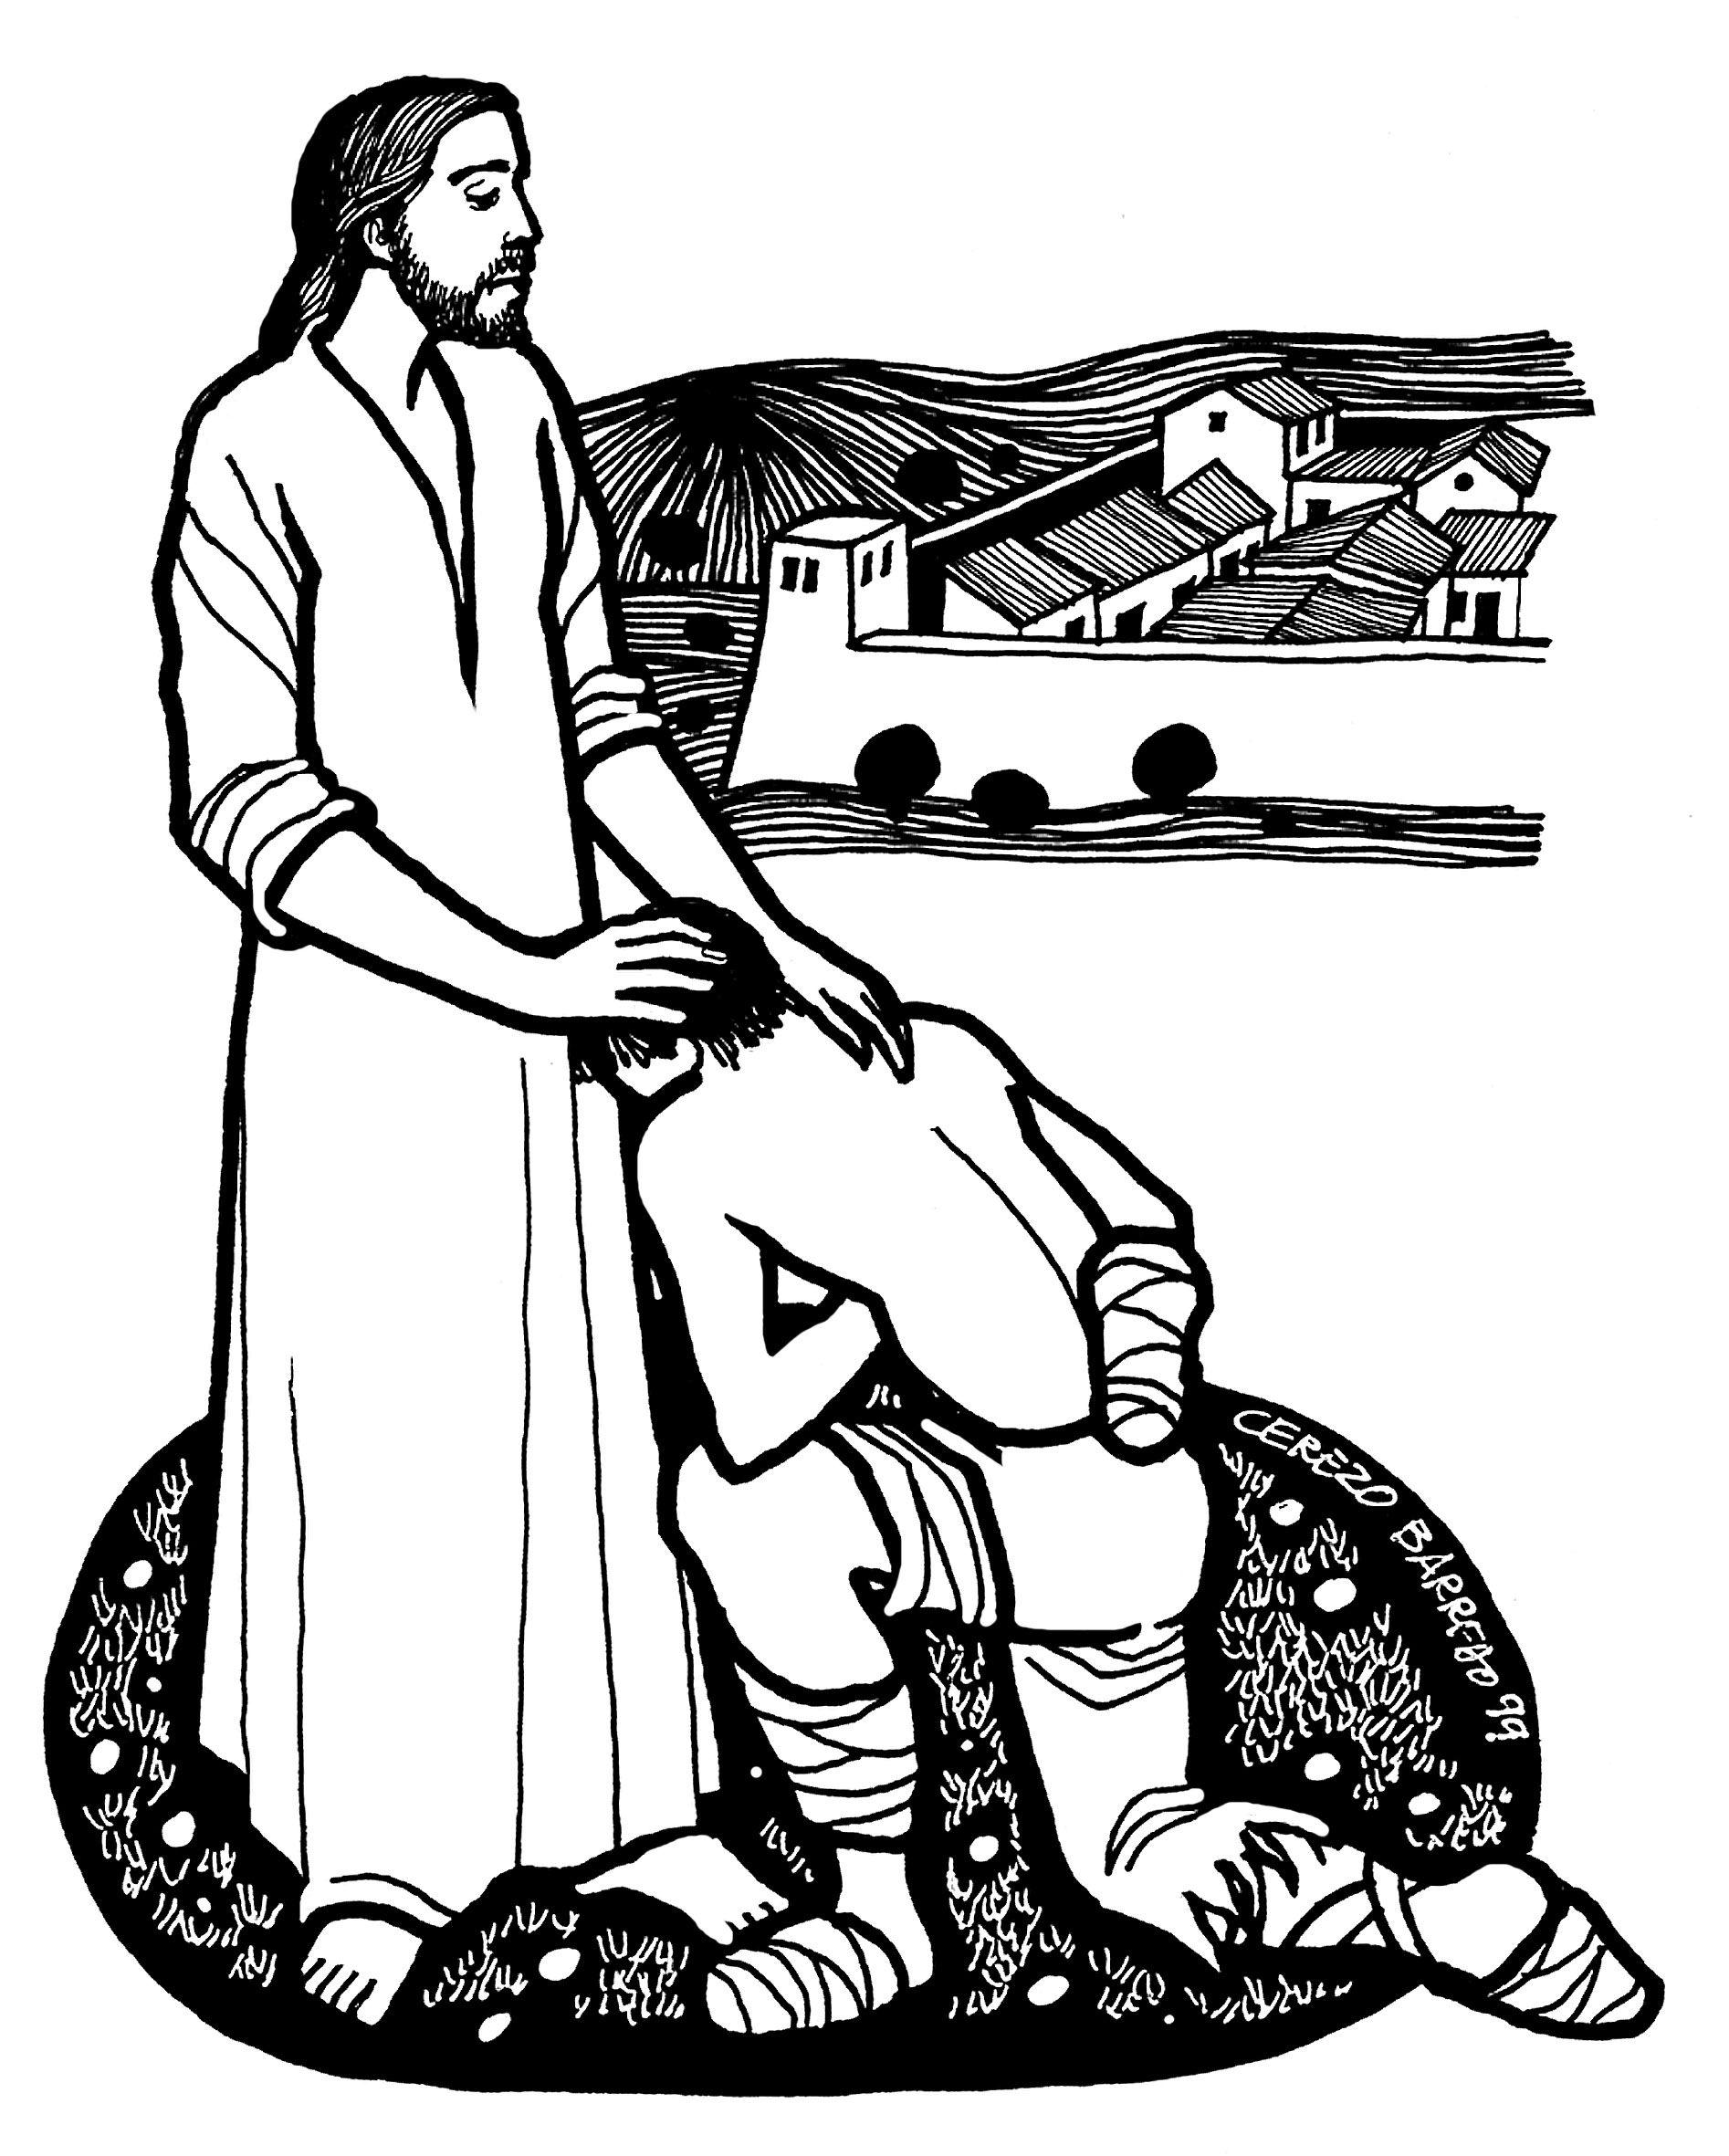 Evangelio Del Dia Lecturas De Hoy Domingo 15 De Febrero De 2015 Evangelio Del Dia Evangelio Figuras De